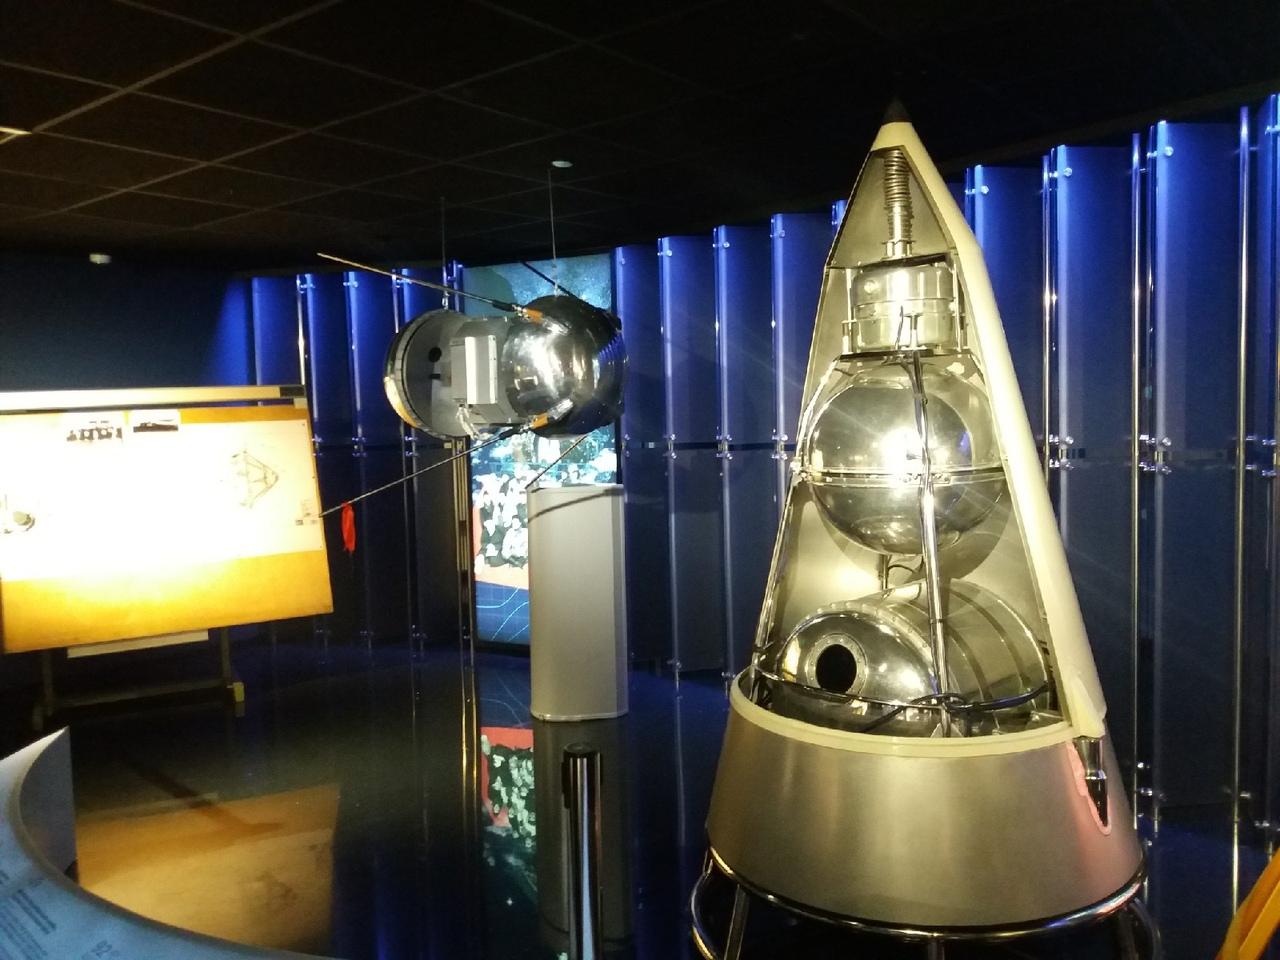 """Макеты первых космических кораблей. На фото видна капсула, в которой в свой высокий и последний полёт отправилась первая собака-космонавт """"Лайка"""", ставшая после этого всемирно известной и популярной."""